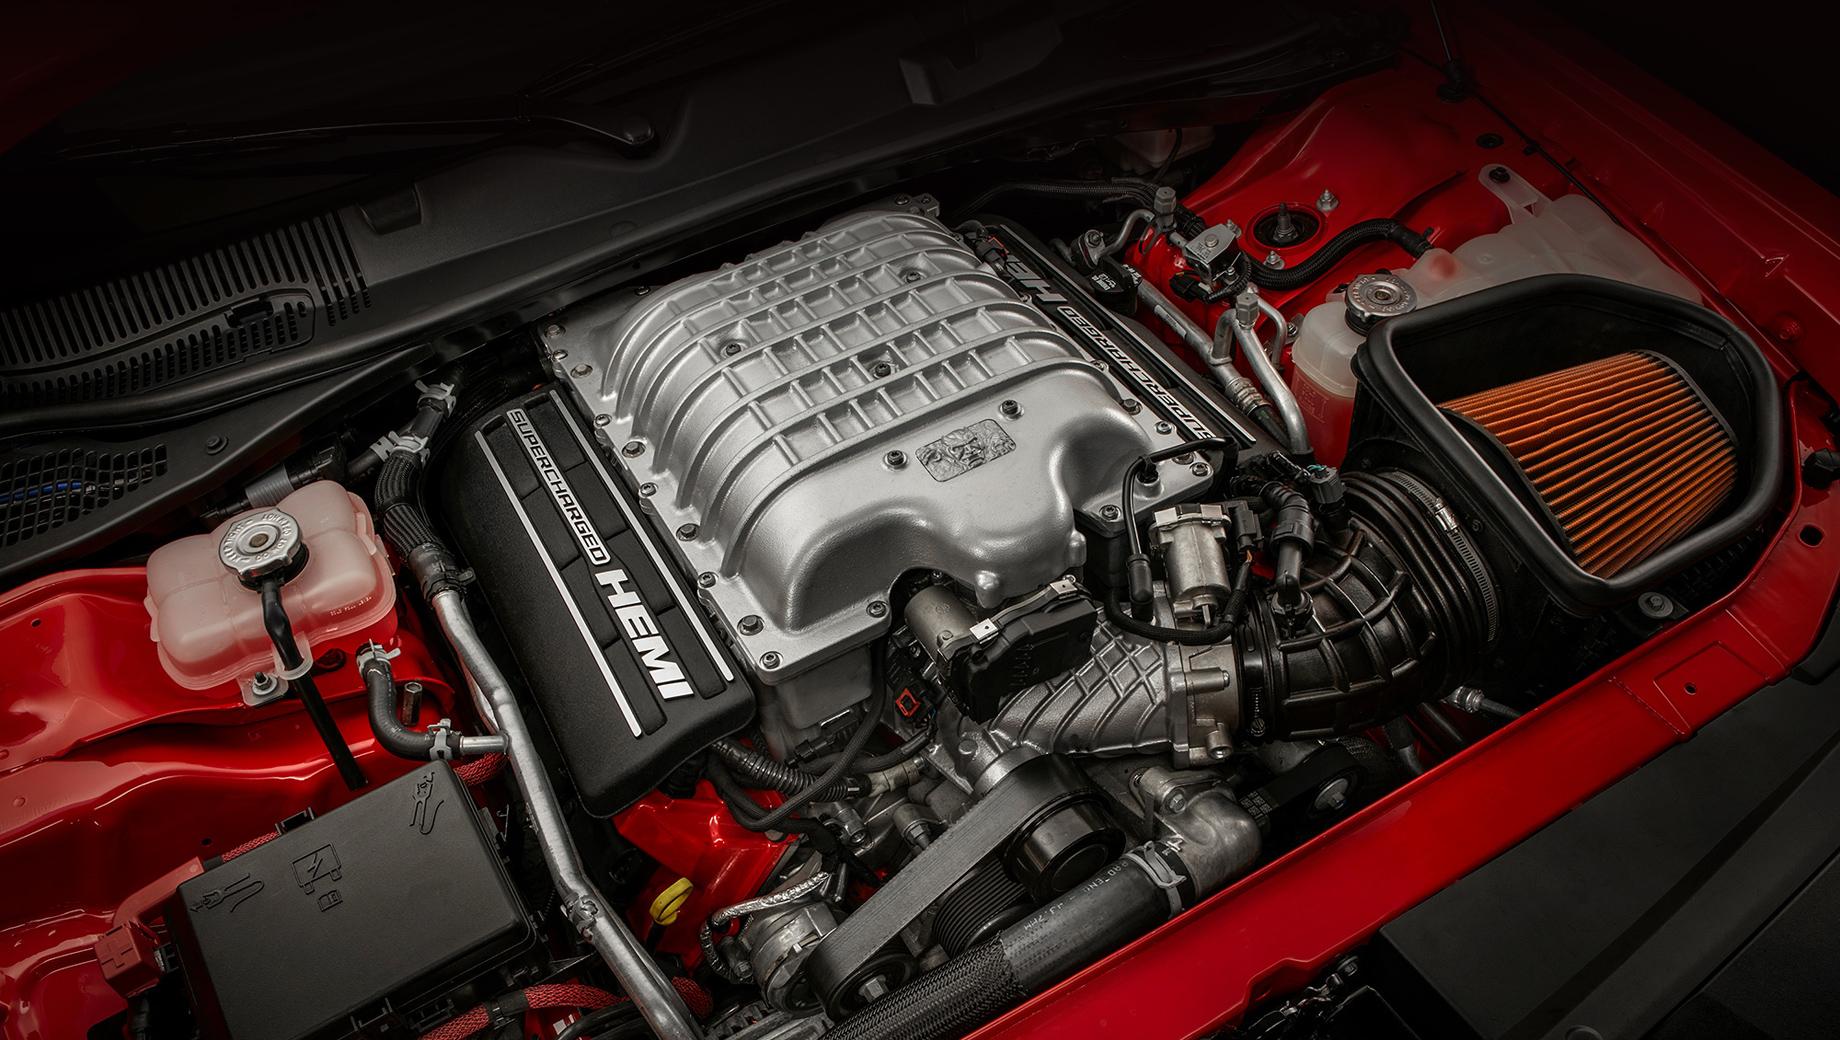 Dodge challenger,Dodge charger,Dodge durango. С момента появления двигателя 6.2 Hemi V8 Hellcat в 2014 году было создано несколько его вариаций, вплоть до 852-сильной (1044 Н•м) на Демоне.